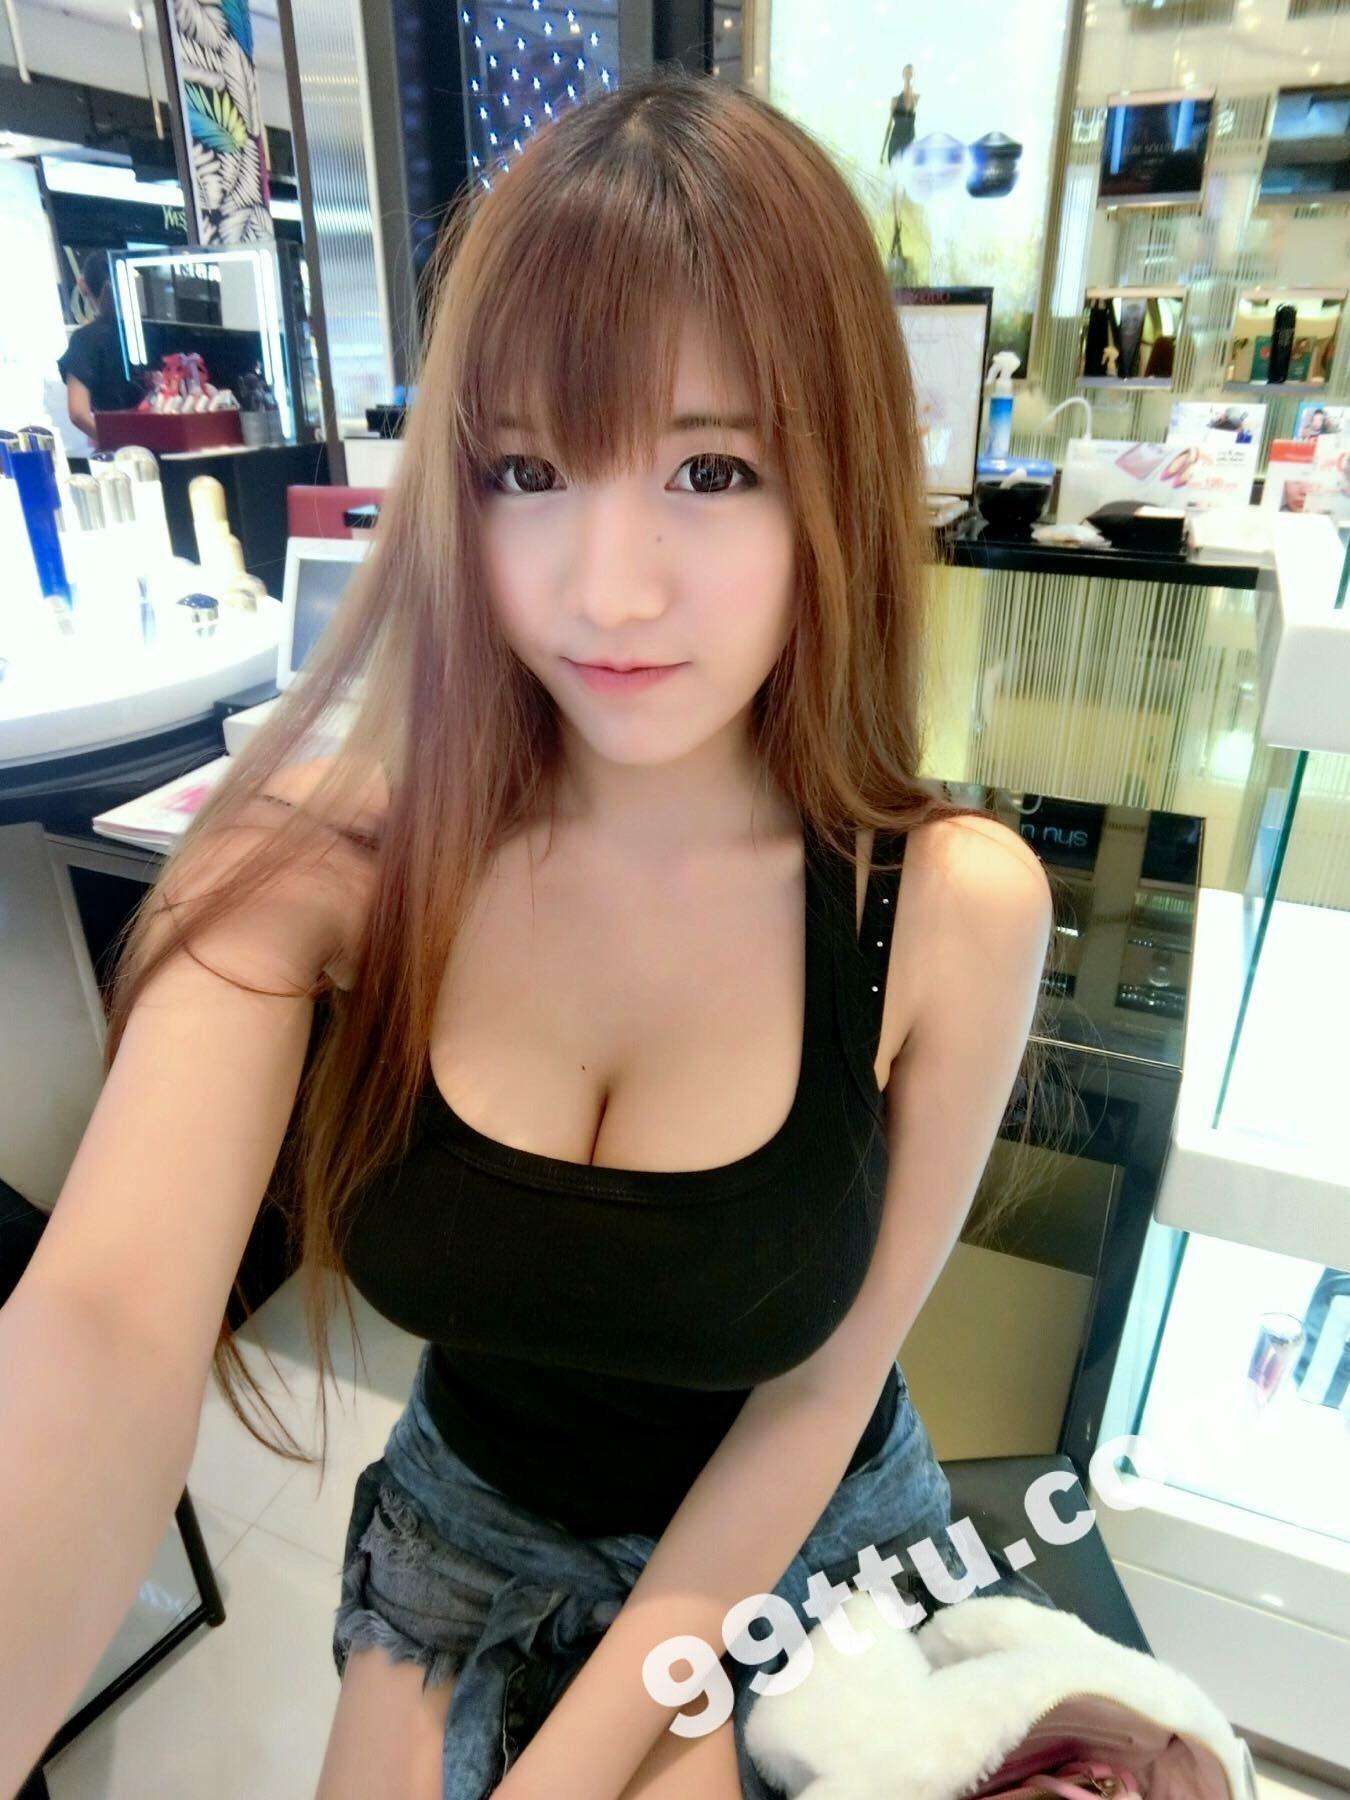 KK64_824张图+20个视频 好身材大乳美女生活照套图-10